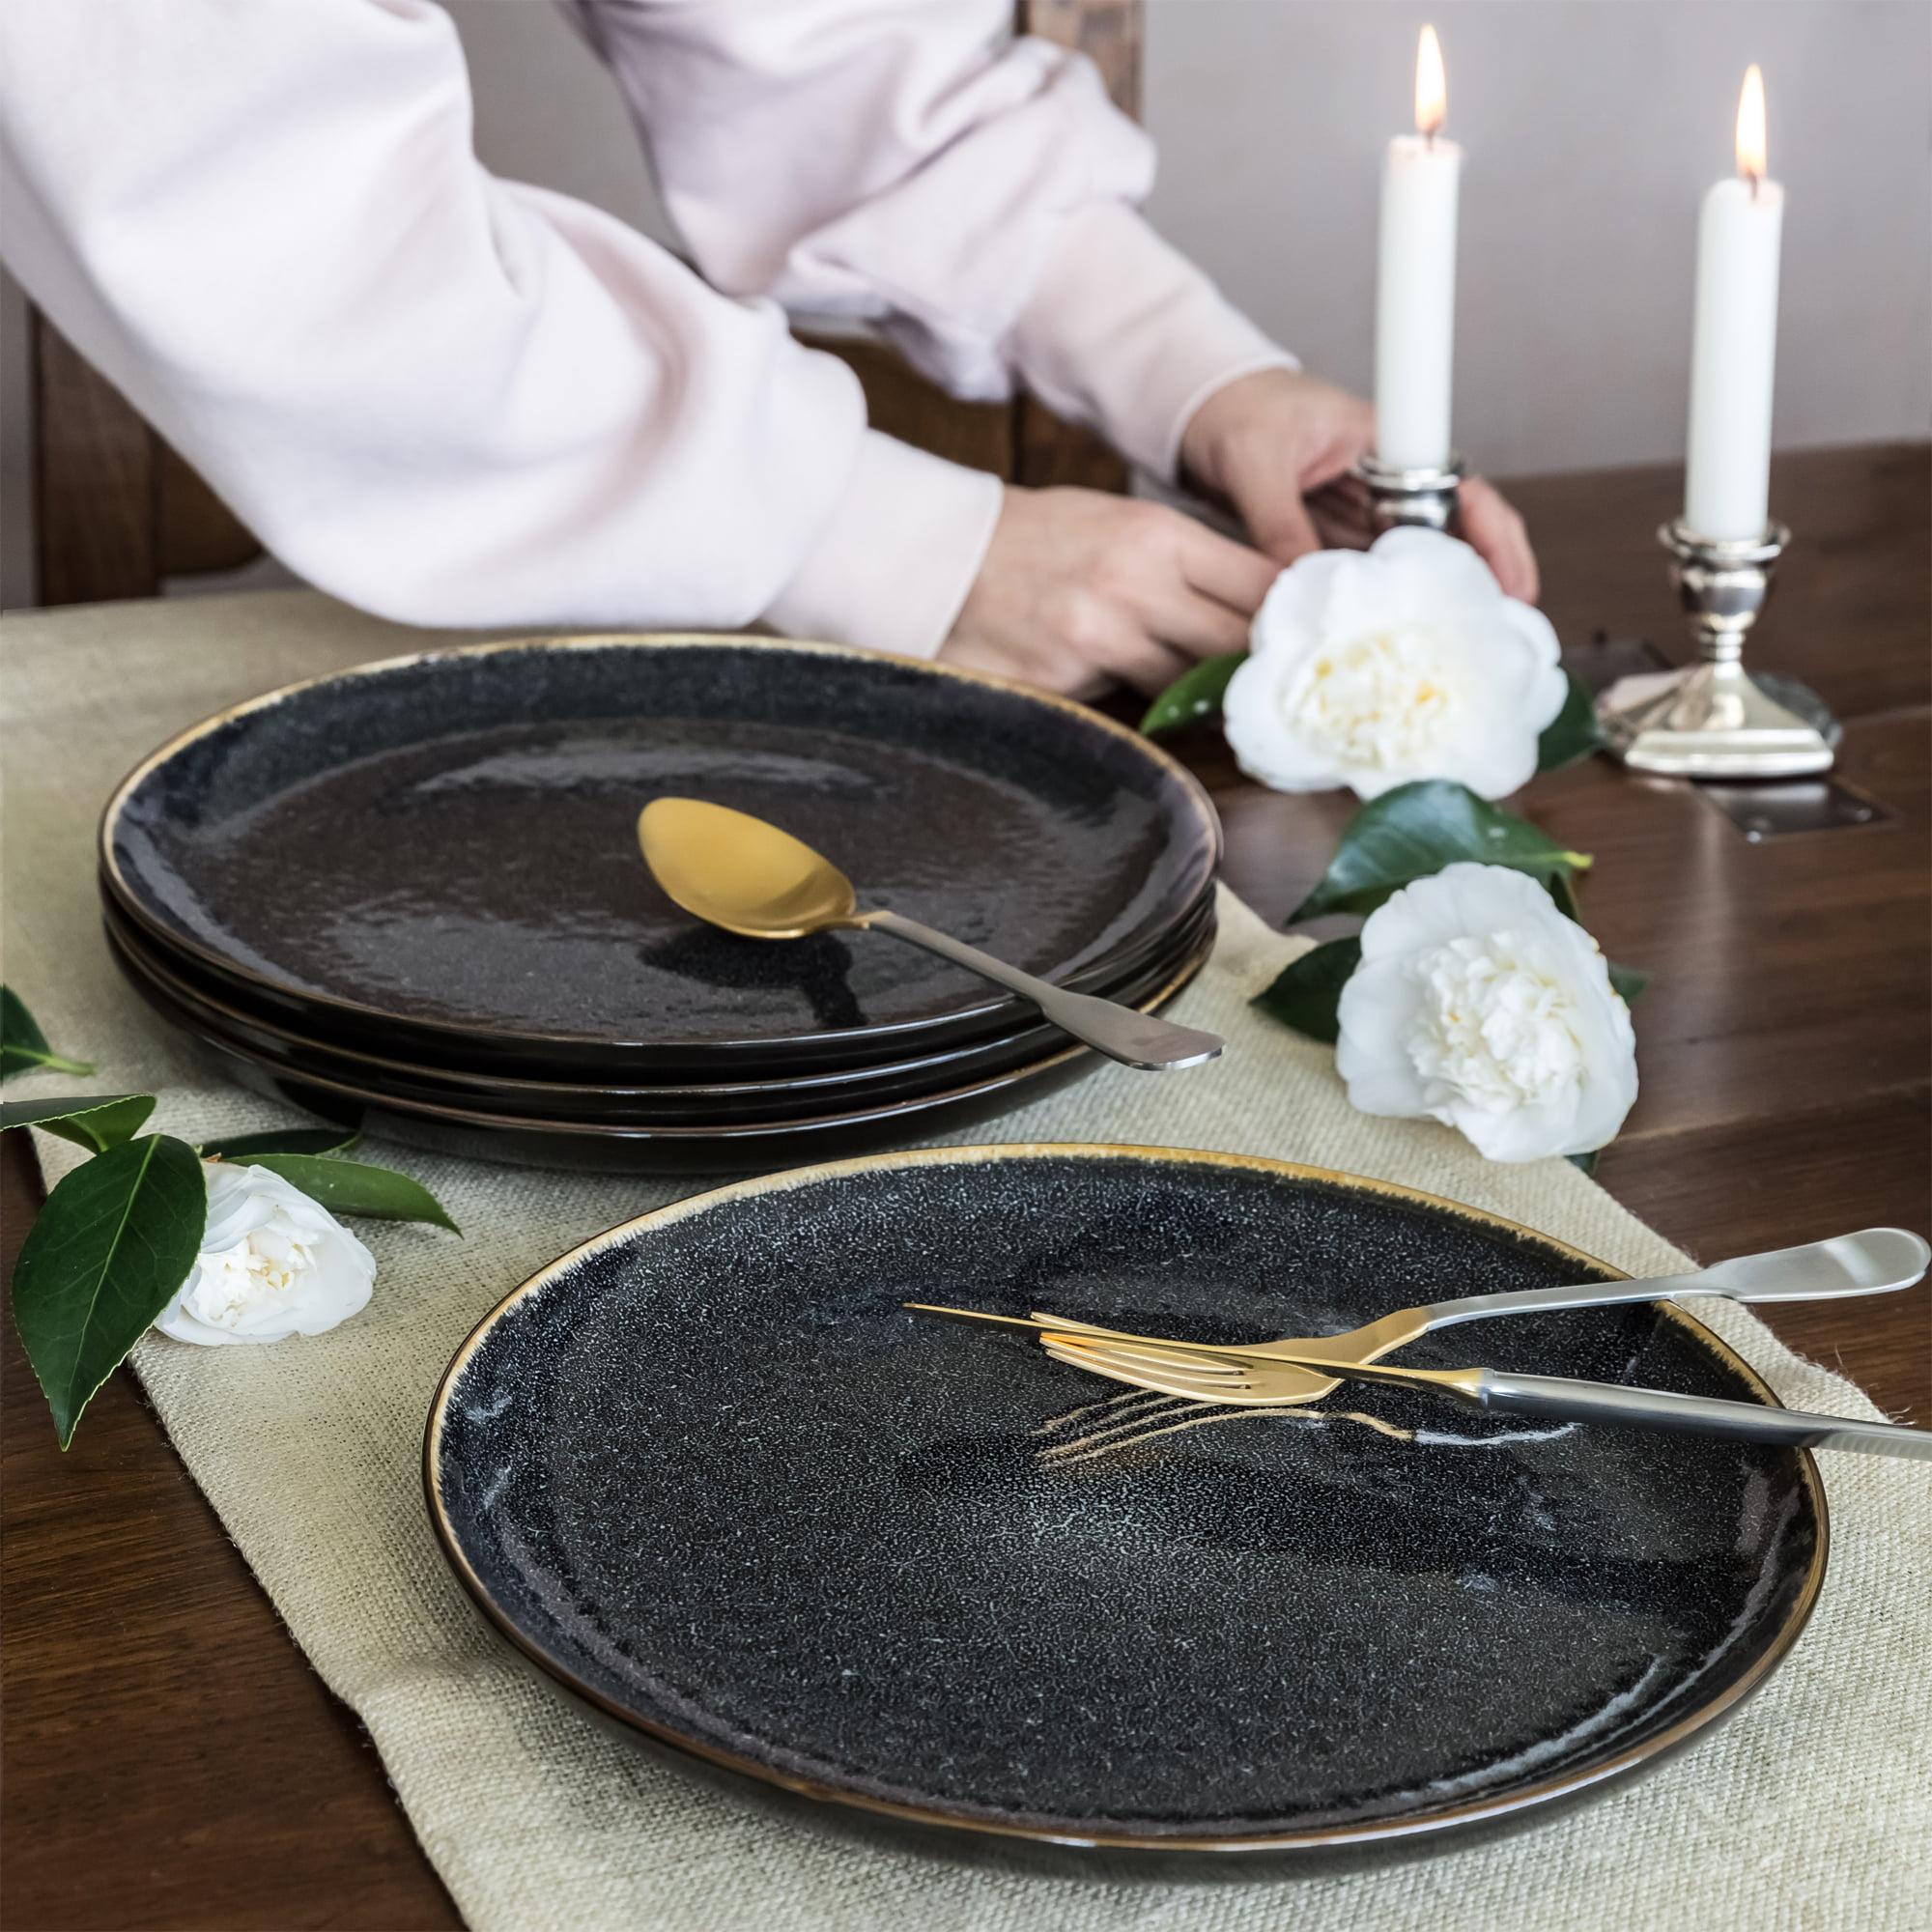 Better Homes and Gardens Burns Dinner Plates, set of 4, Black